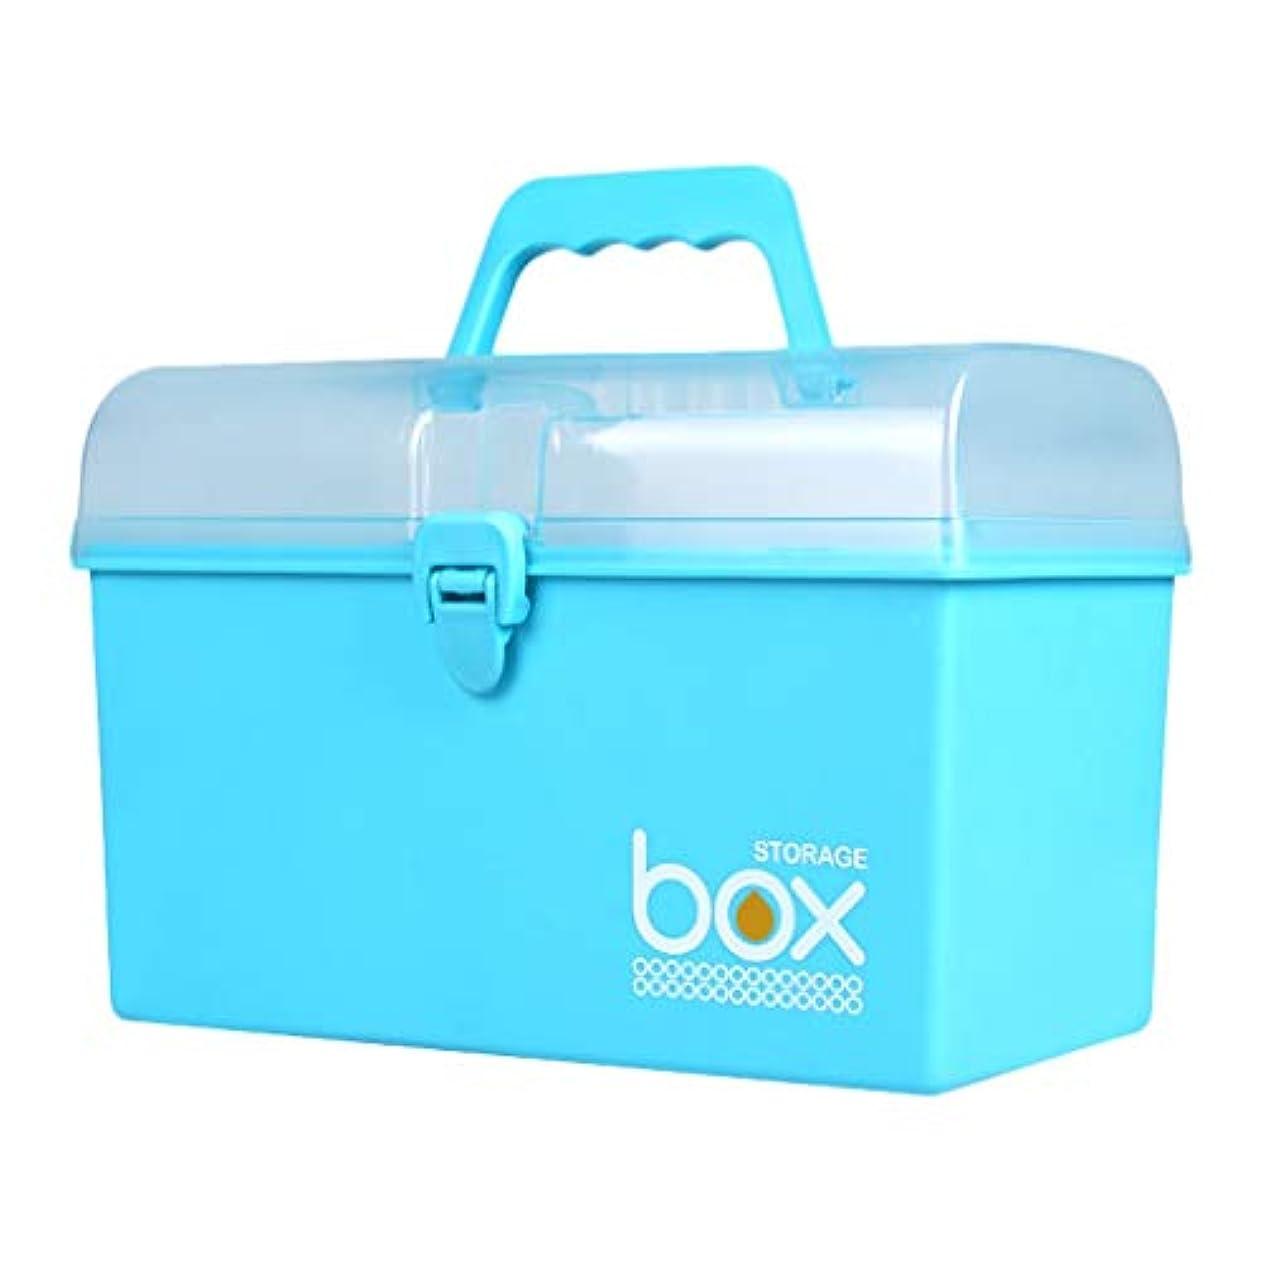 マルコポーロ耕すわなピルボックスPP 27.5 * 15.7 * 19cm家庭用薬ボックス薬収納ボックス (色 : 青)